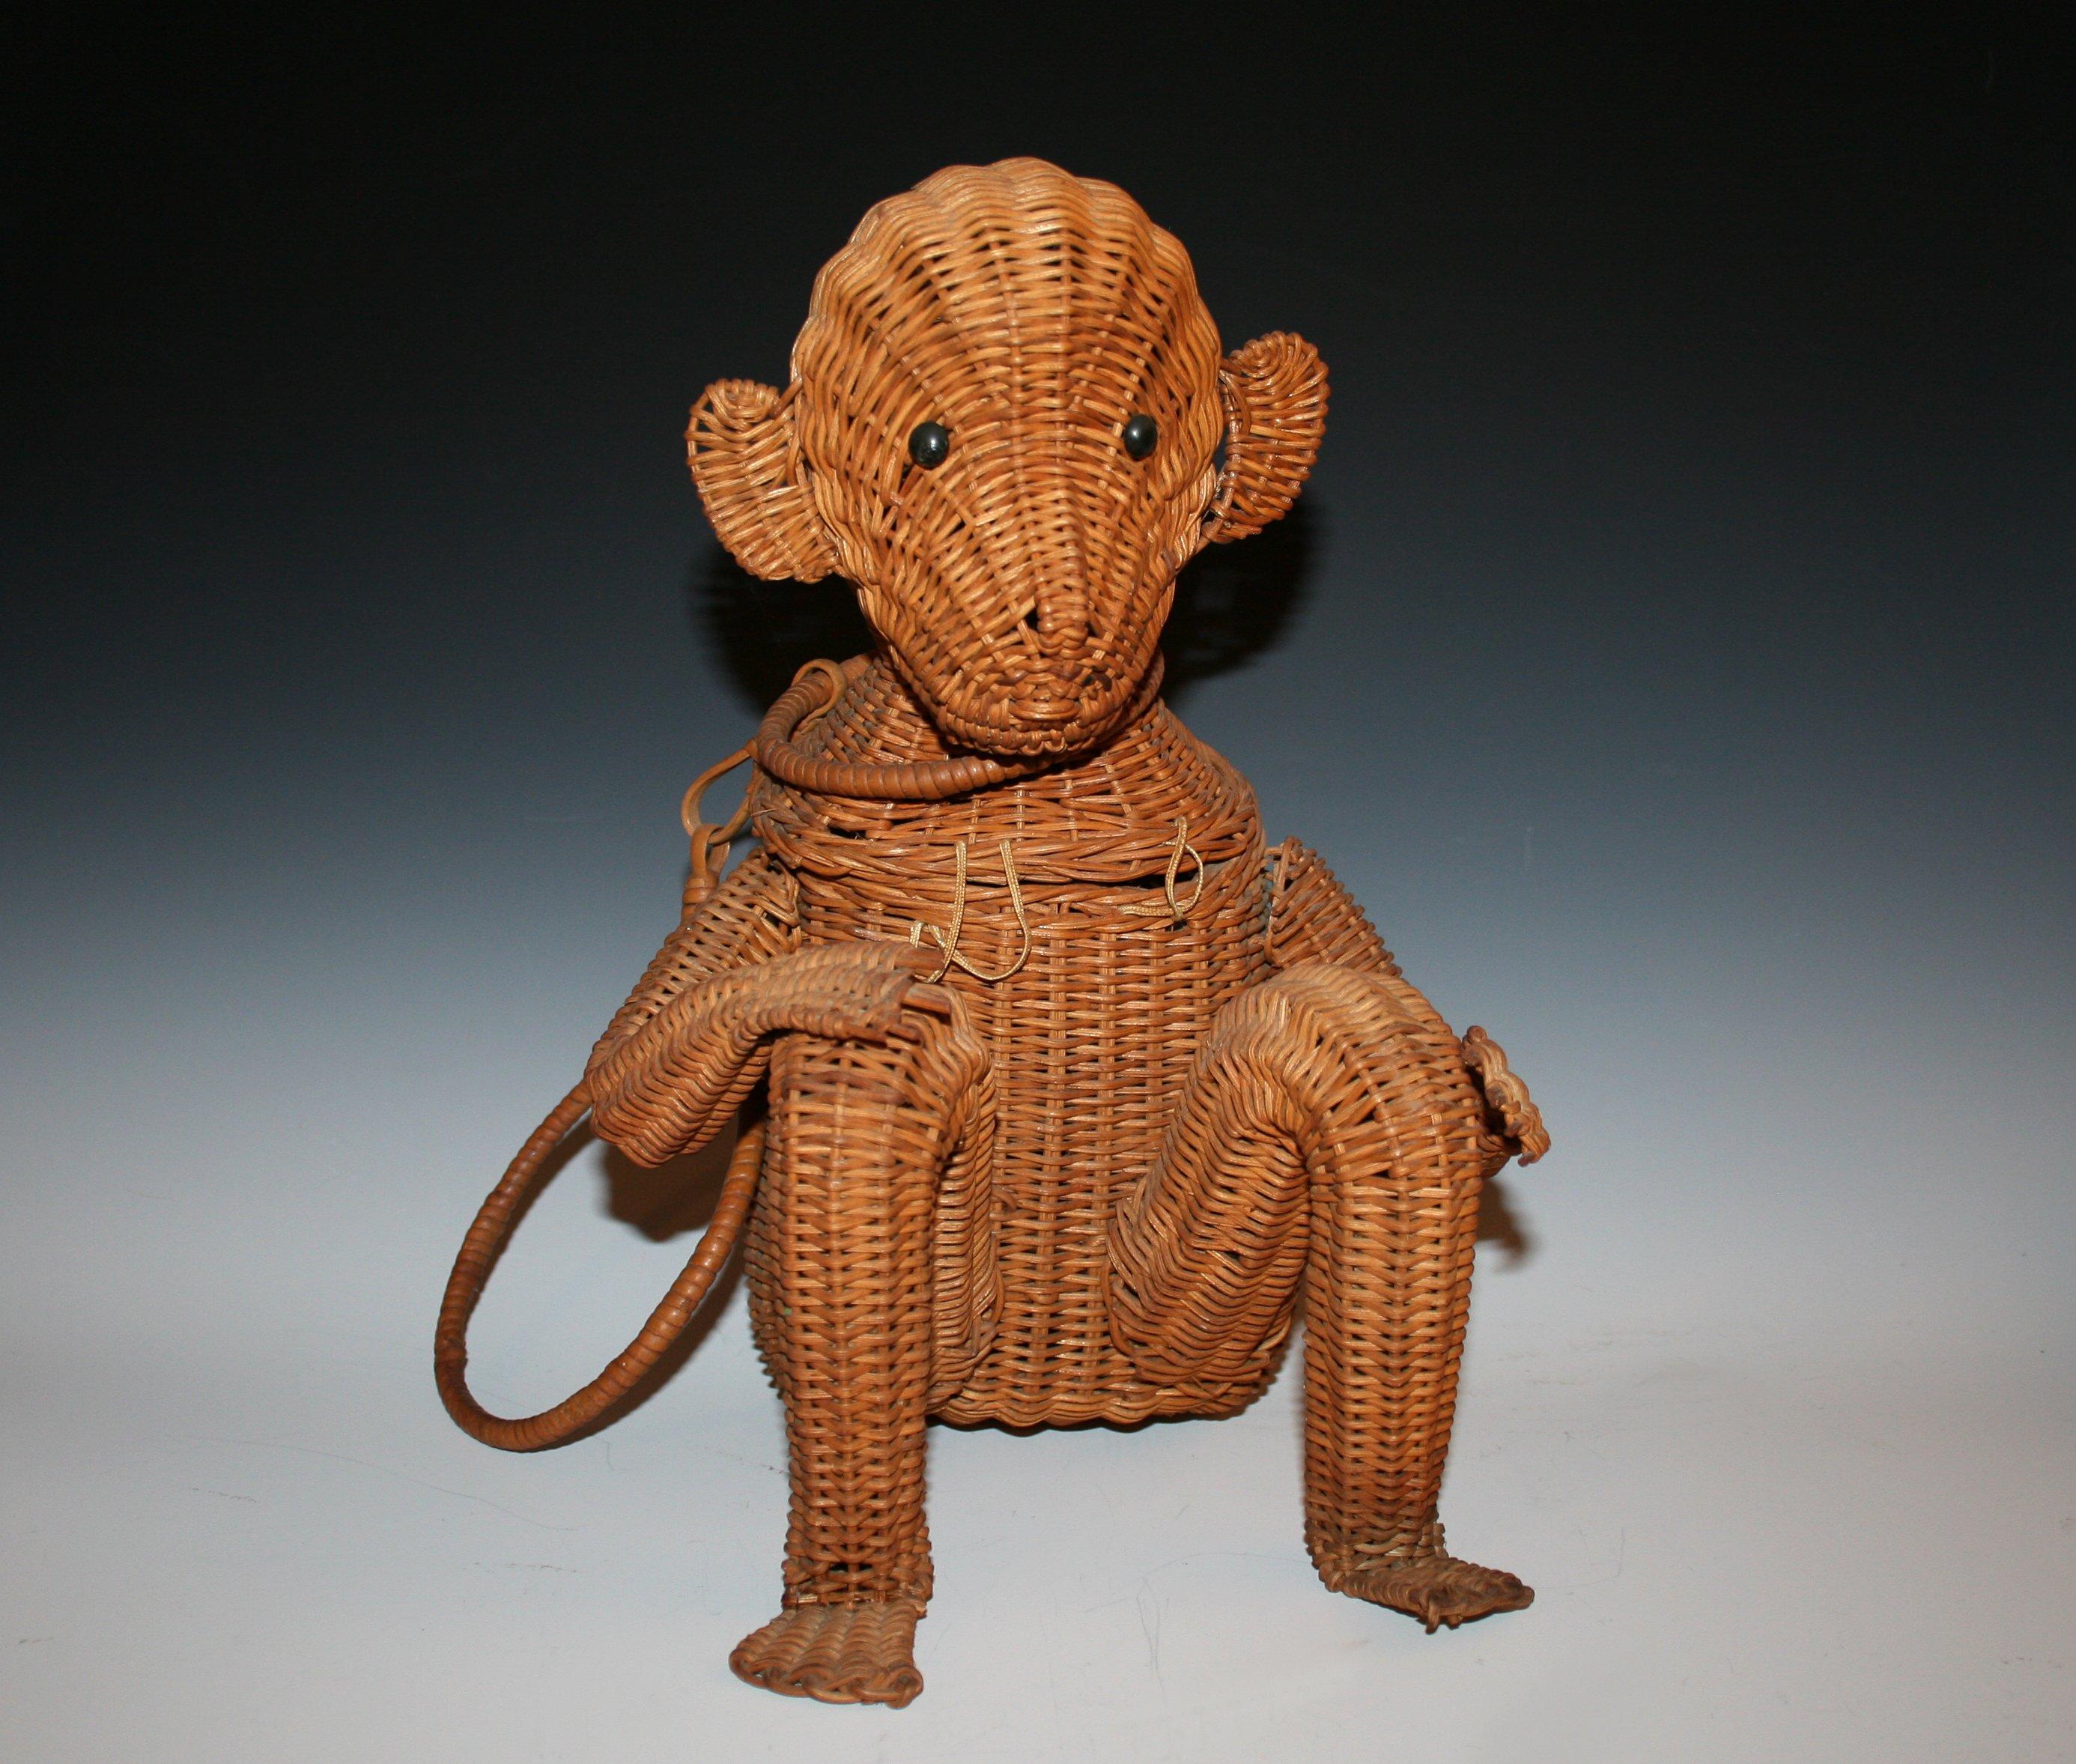 Wicker Monkey Purse